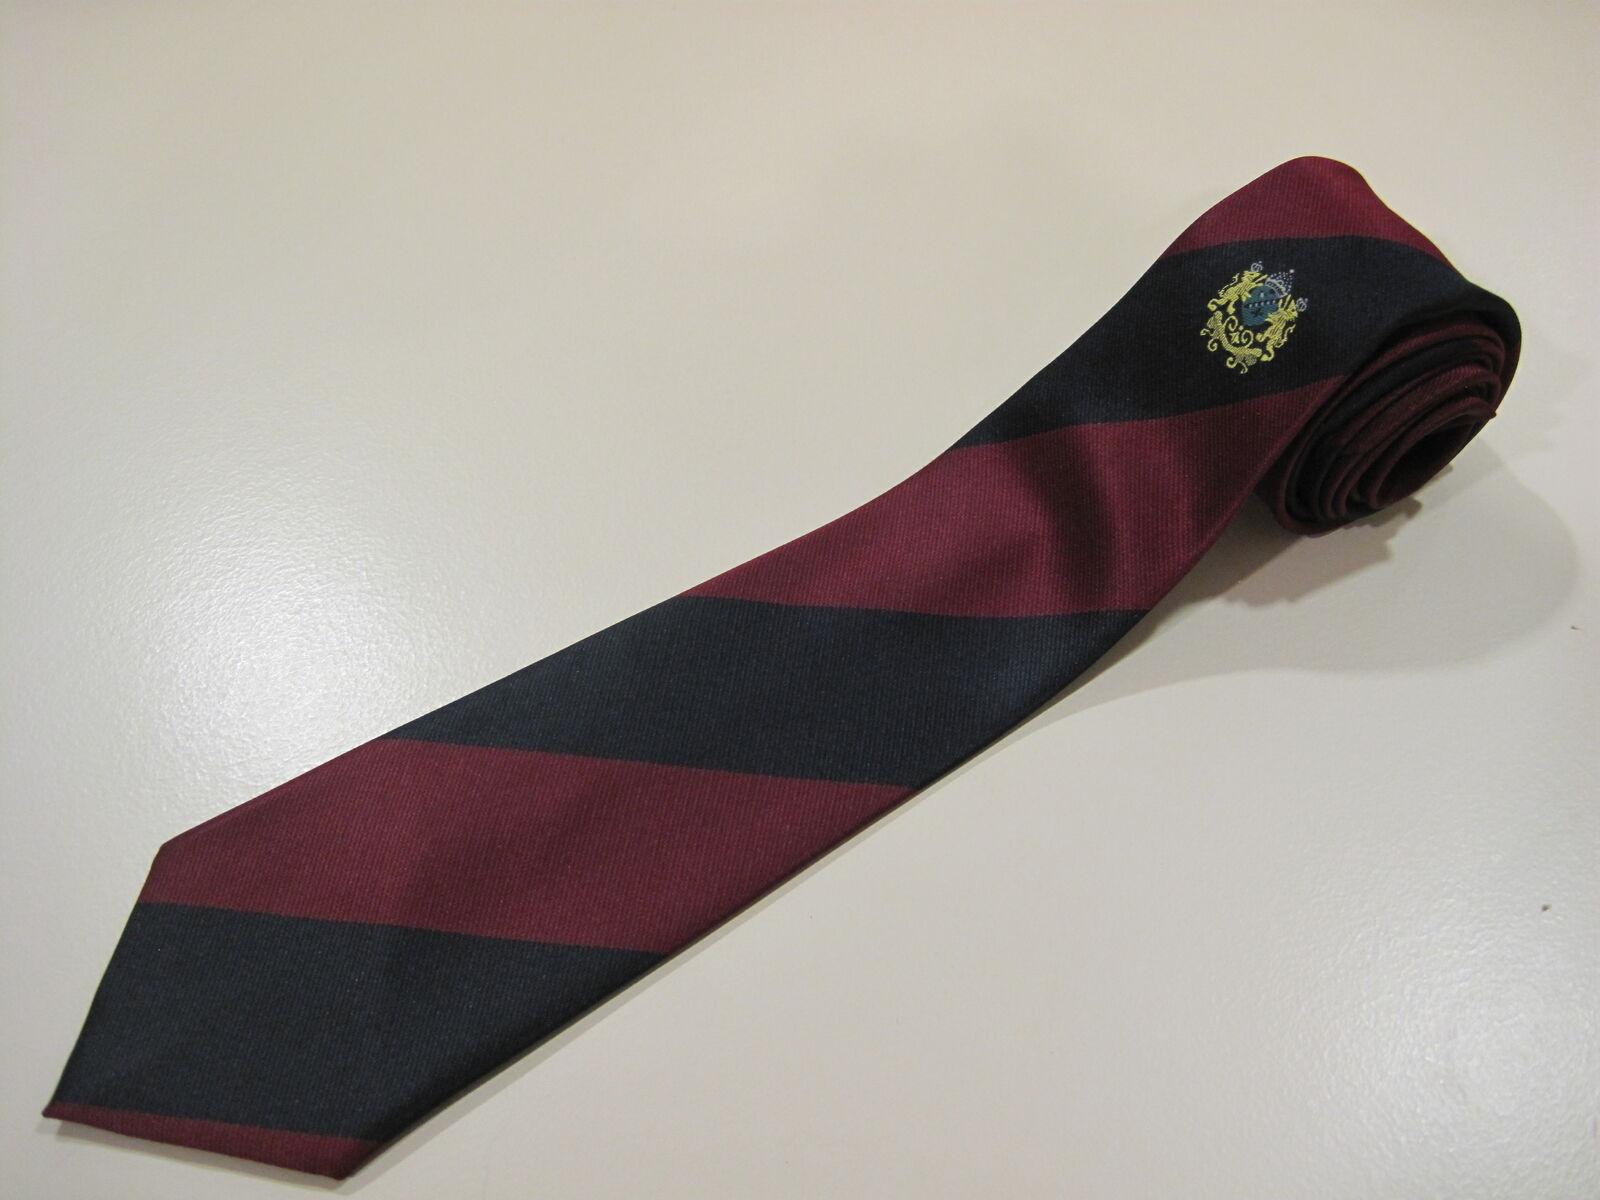 Herren Krawatte von Ron Harper dunkel-rot-blau Designer Muster TOP aktuell